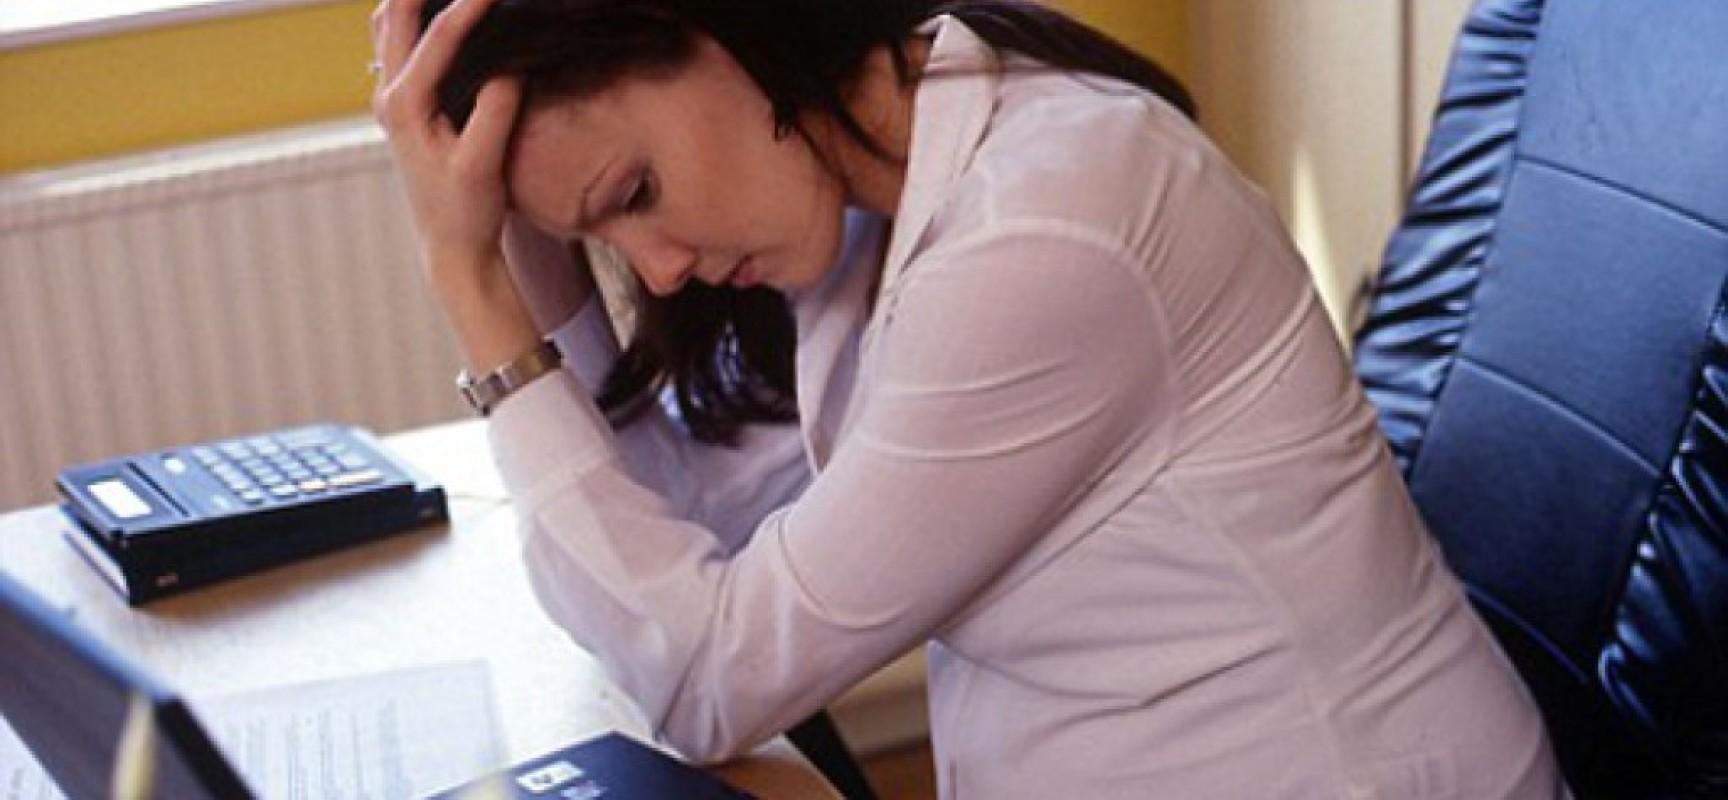 Можно ли уволить беременную за прогул?